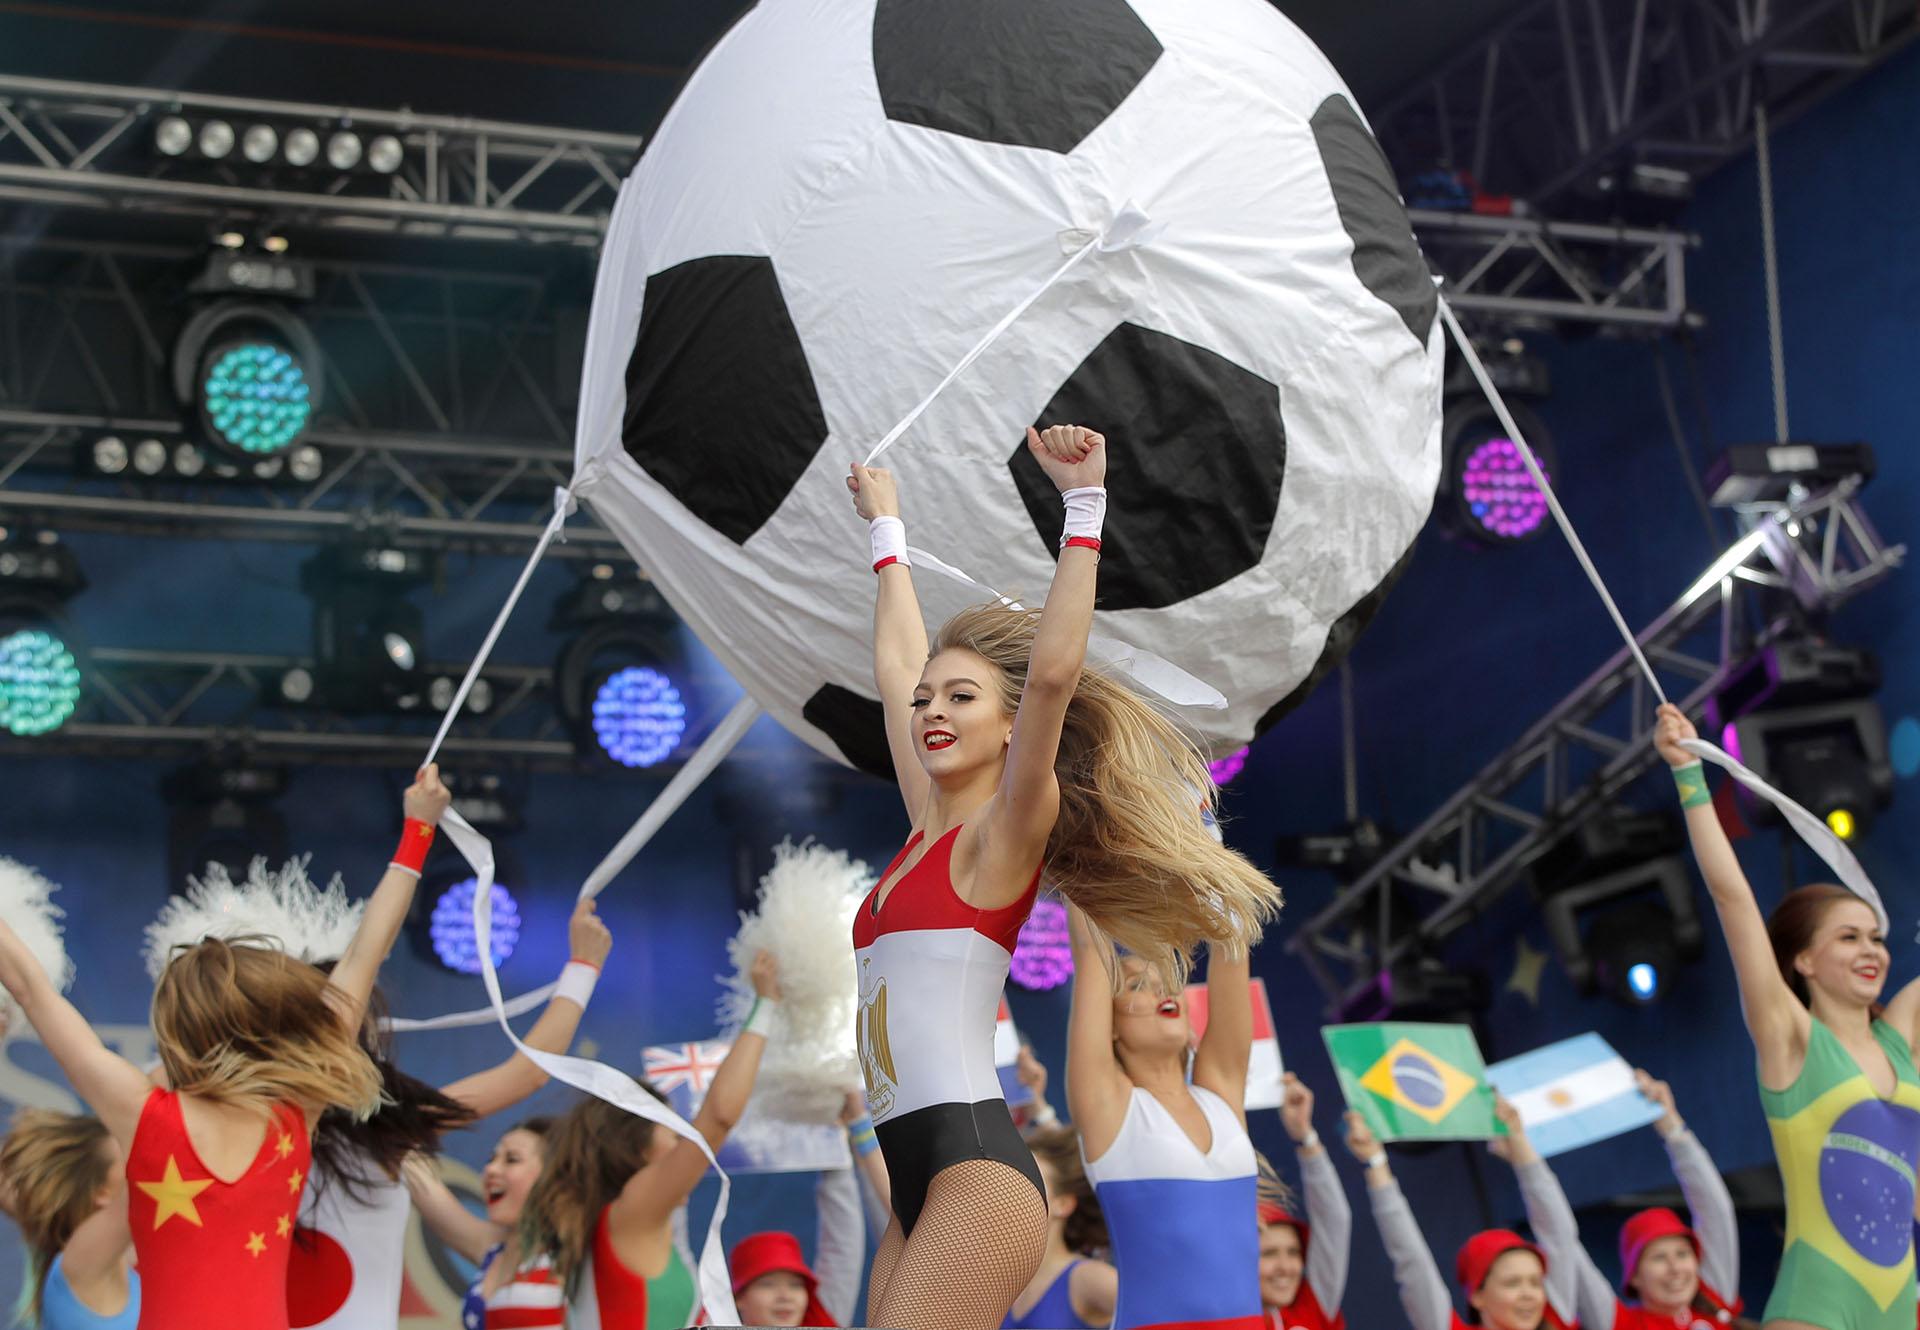 Bailarinasvestidas con trajes de colorescon las banderas de las naciones participantes se presentaron antes del partido inaugural en el fan fest en Ekaterimburgo, Rusia(AP Photo/Vadim Ghirda)